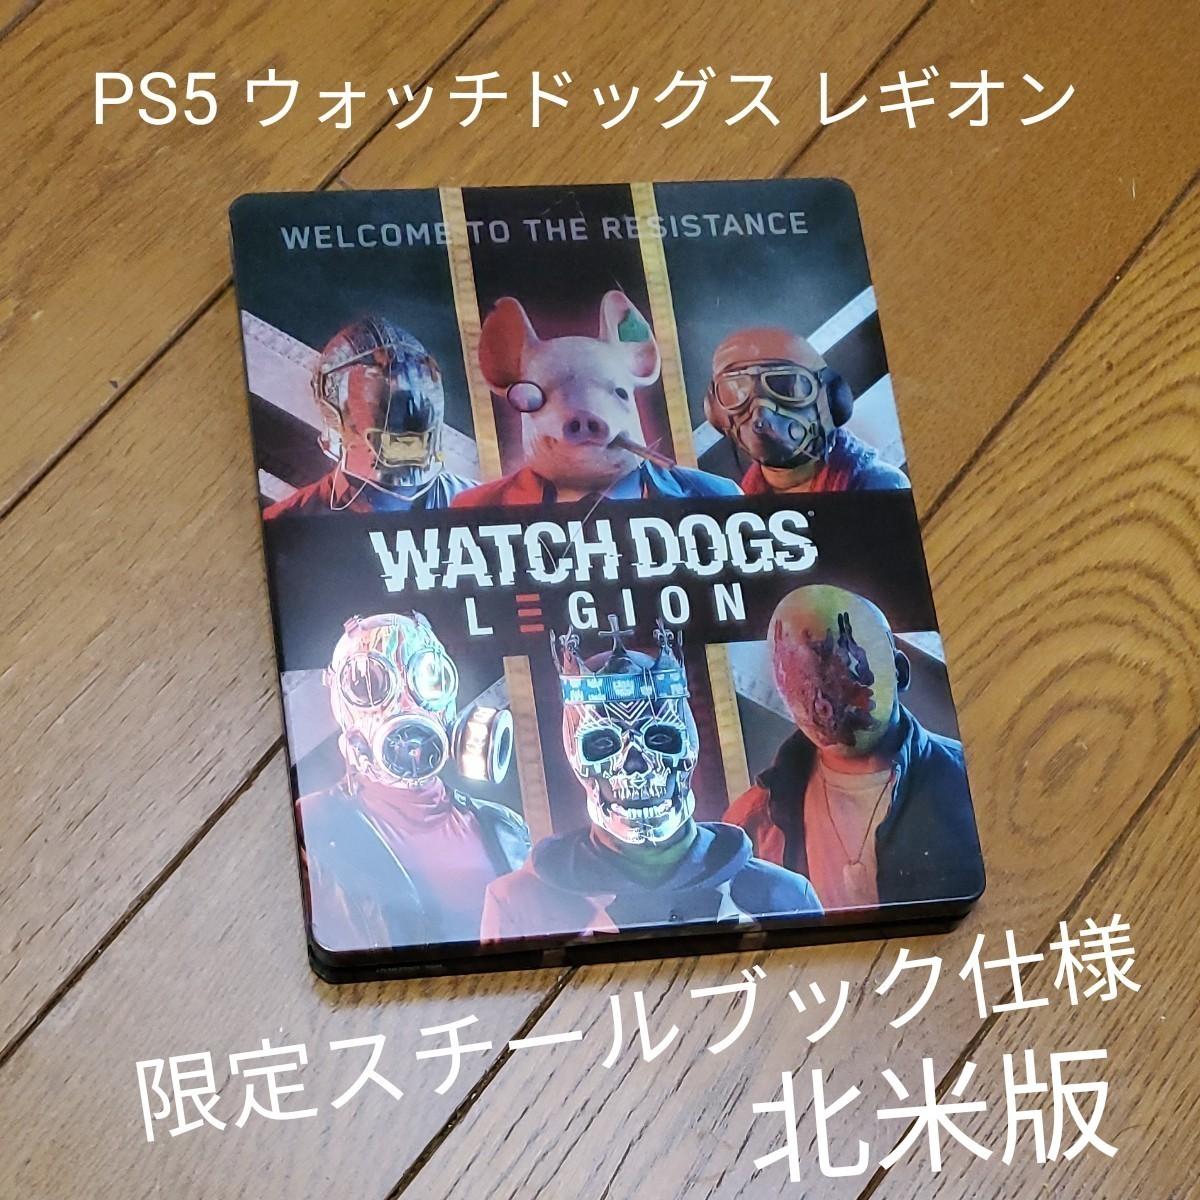 PS5 ウォッチドッグス レギオン 北米版 スチールブック仕様 Watch Dogs Legion